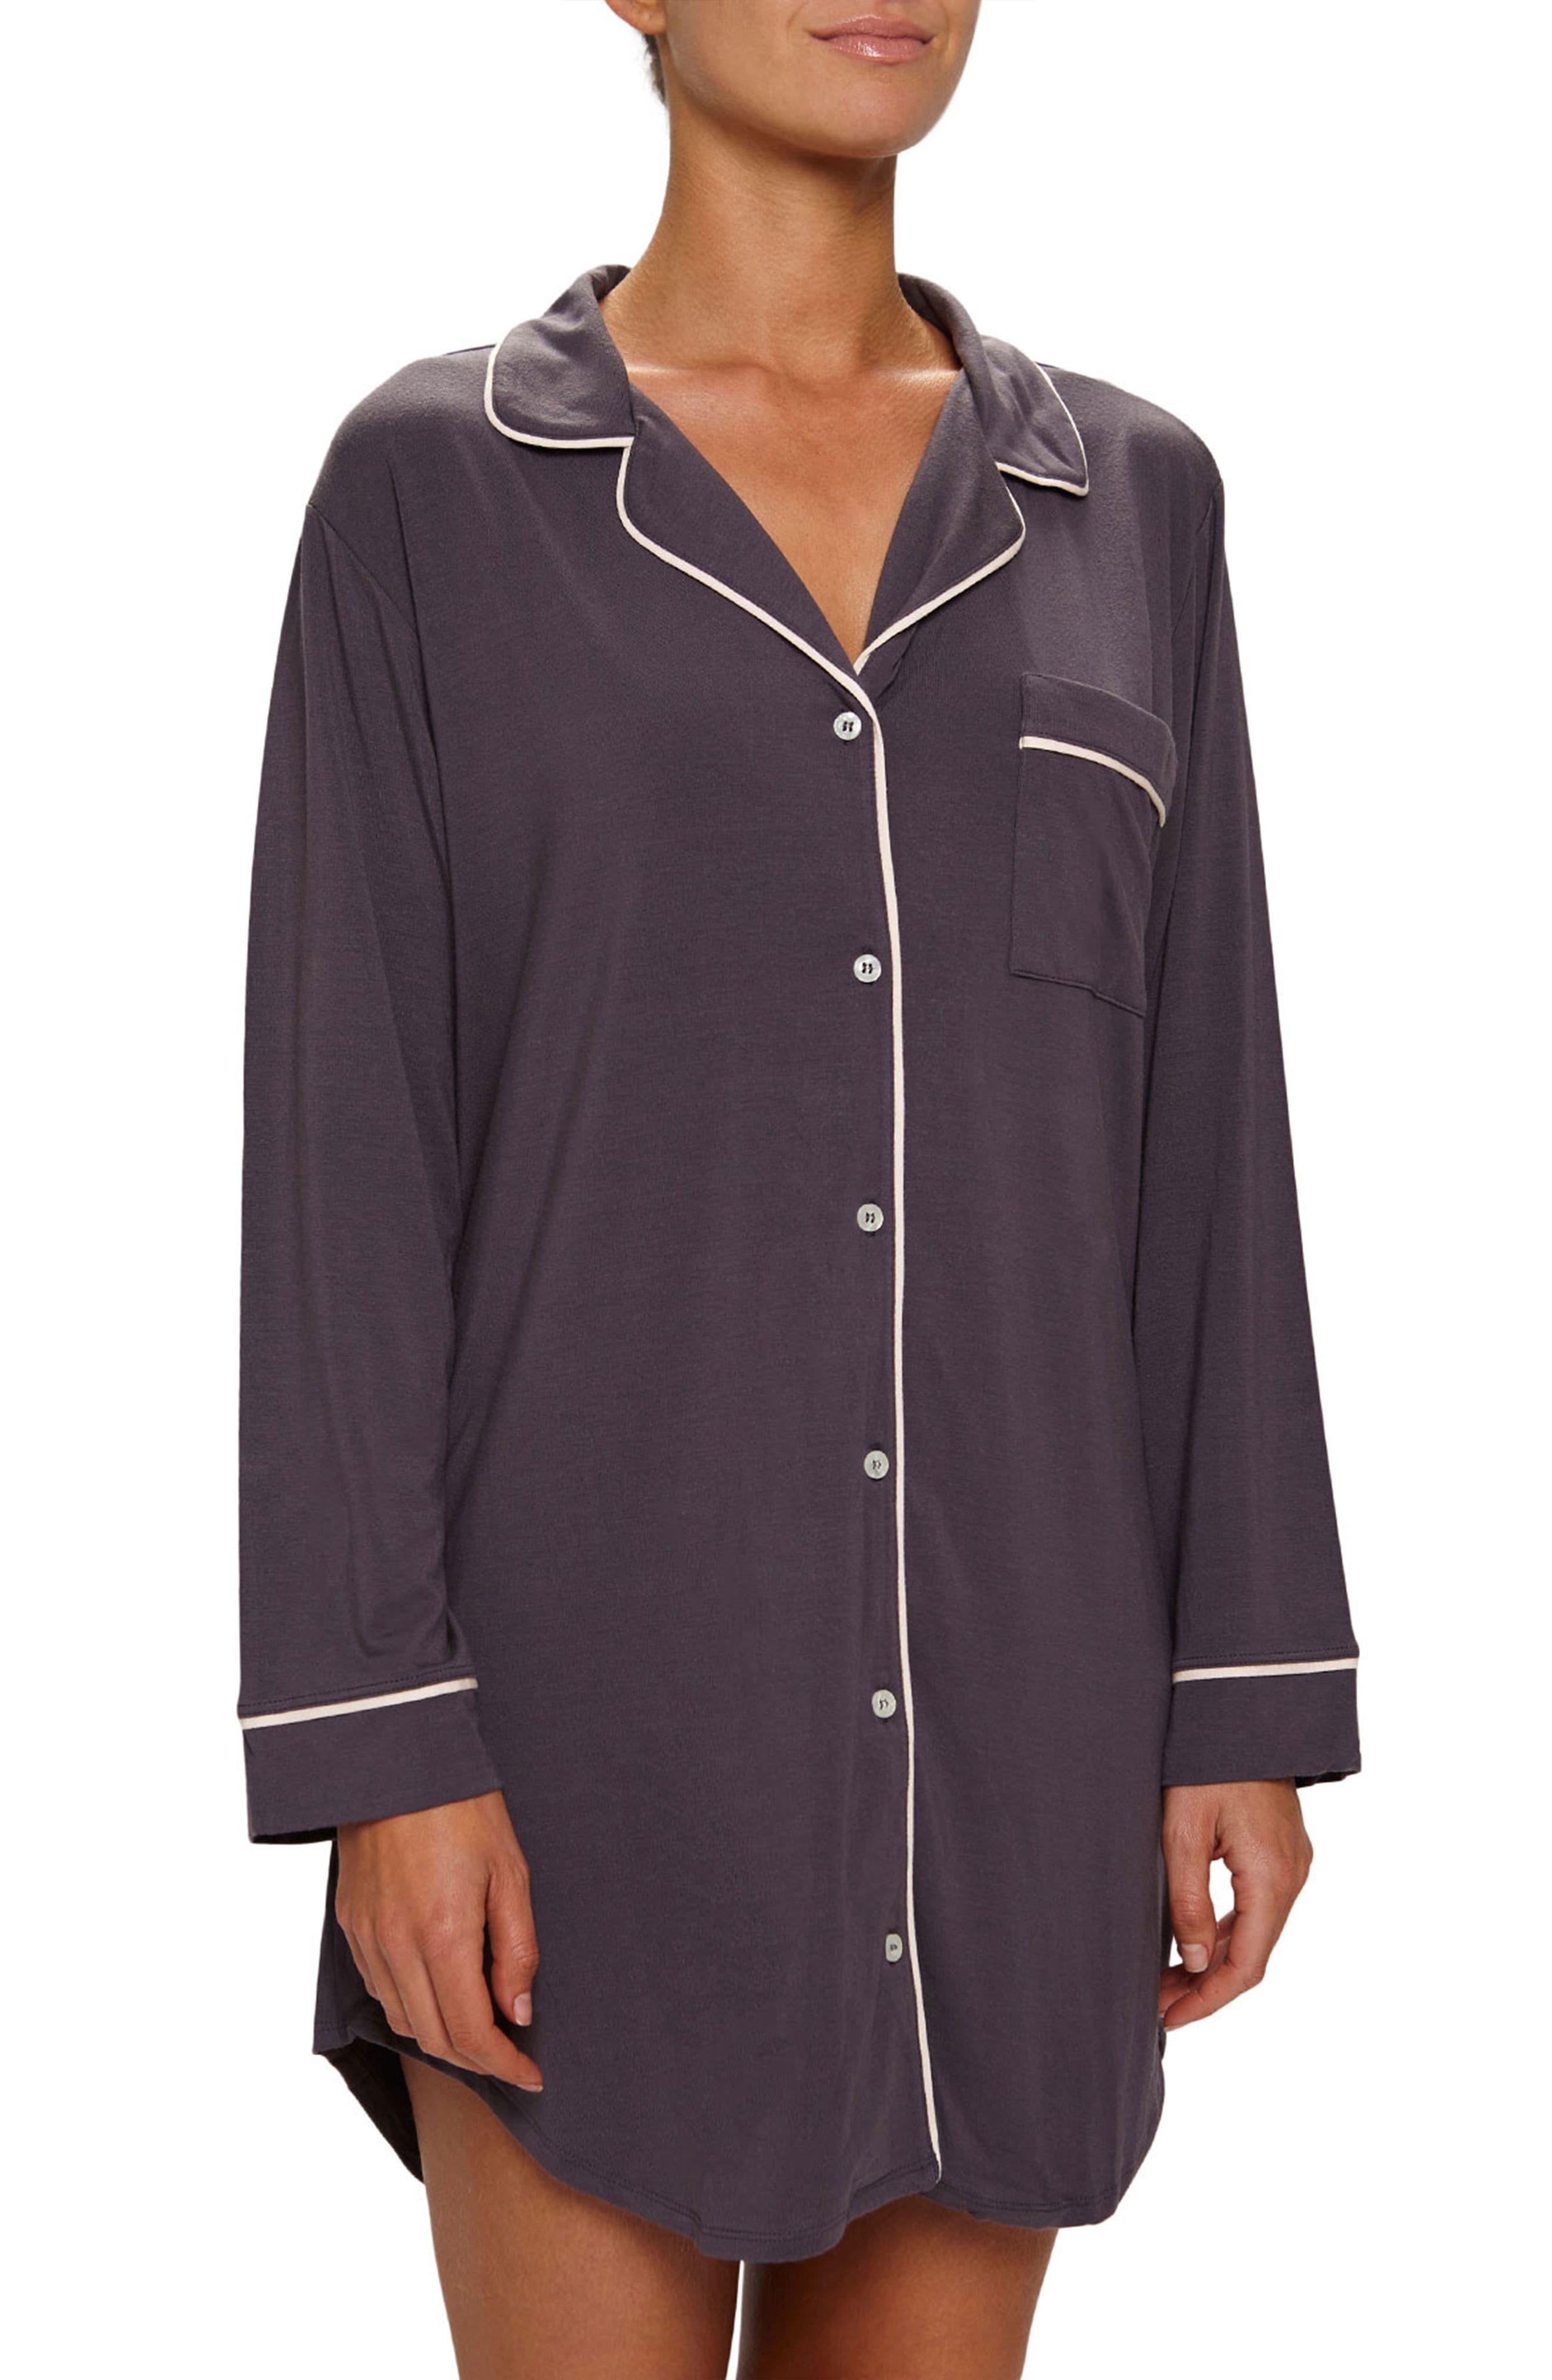 Gisele Stretch Jersey Sleep Shirt,                             Main thumbnail 1, color,                             Pebble